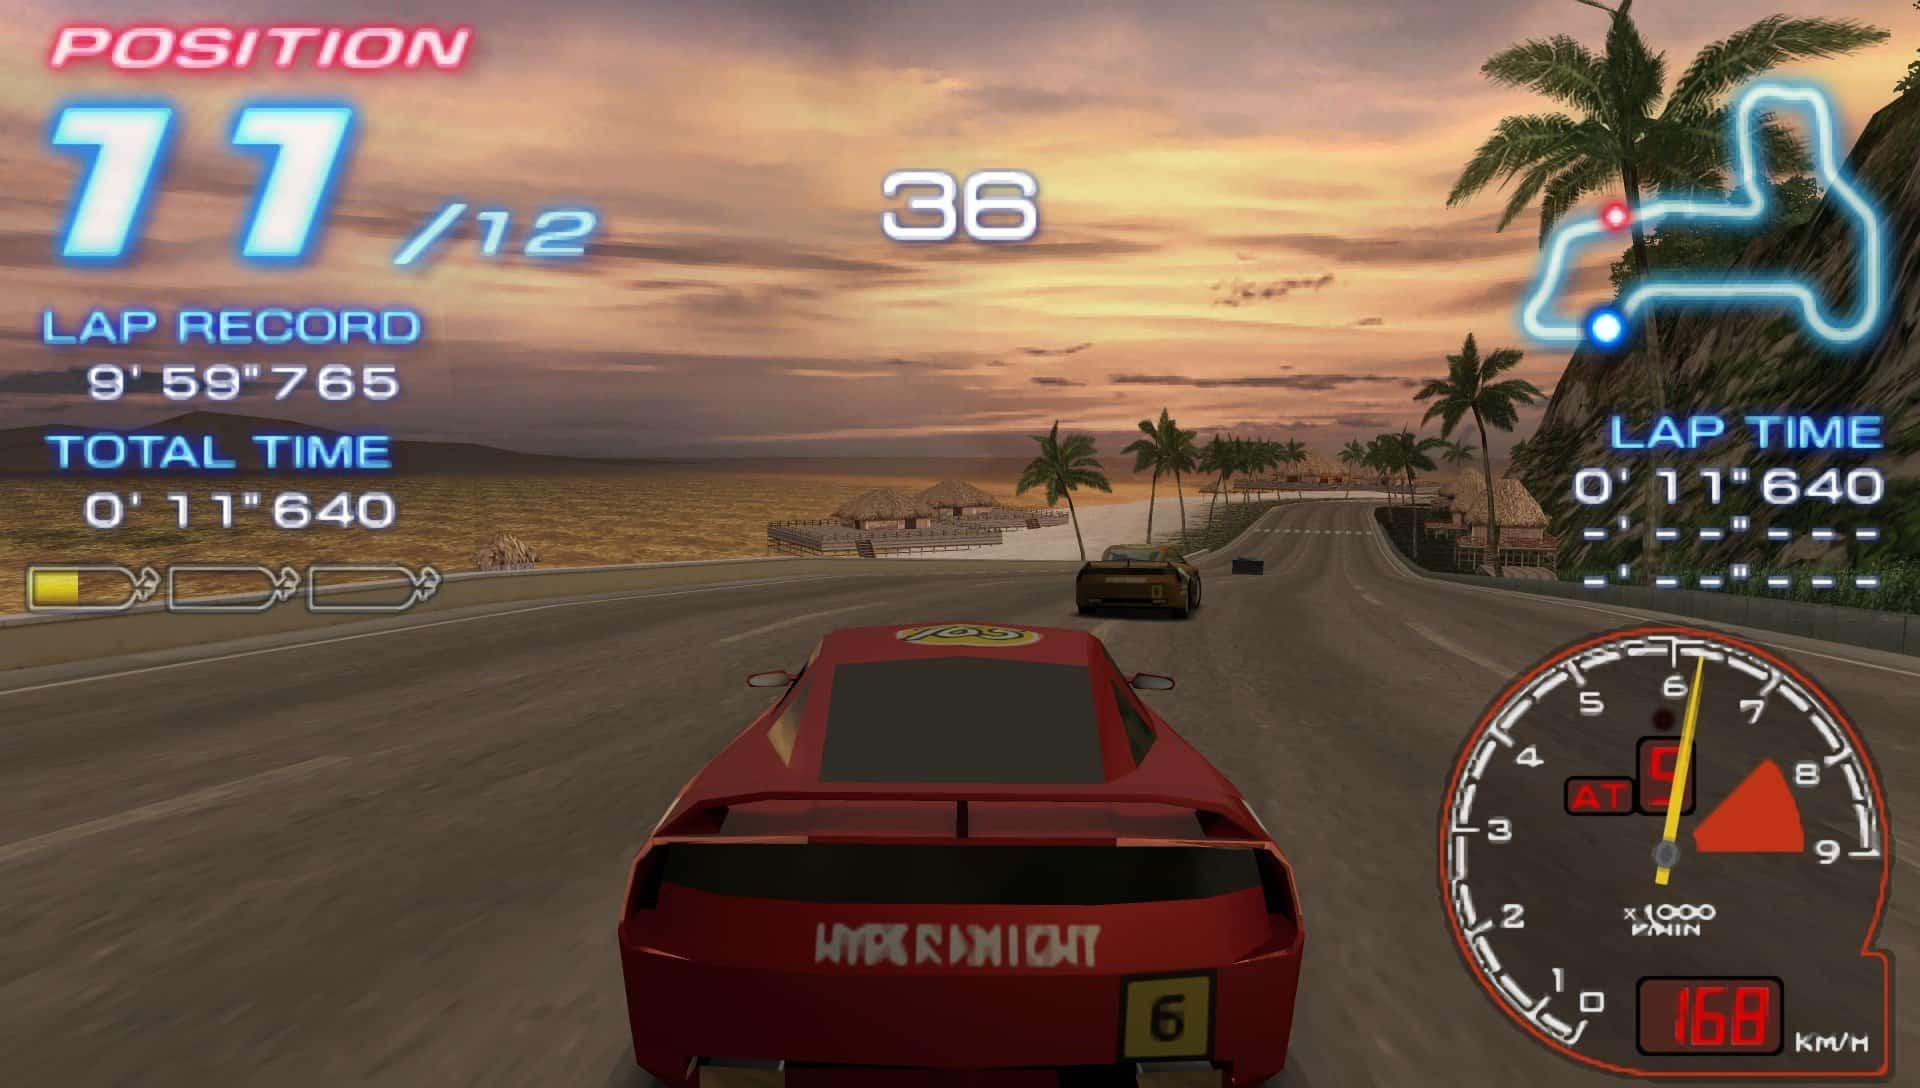 ridgeracer2-1 Lista de jogos compatíveis com PPSSPP (Emulador do PSP para Android)